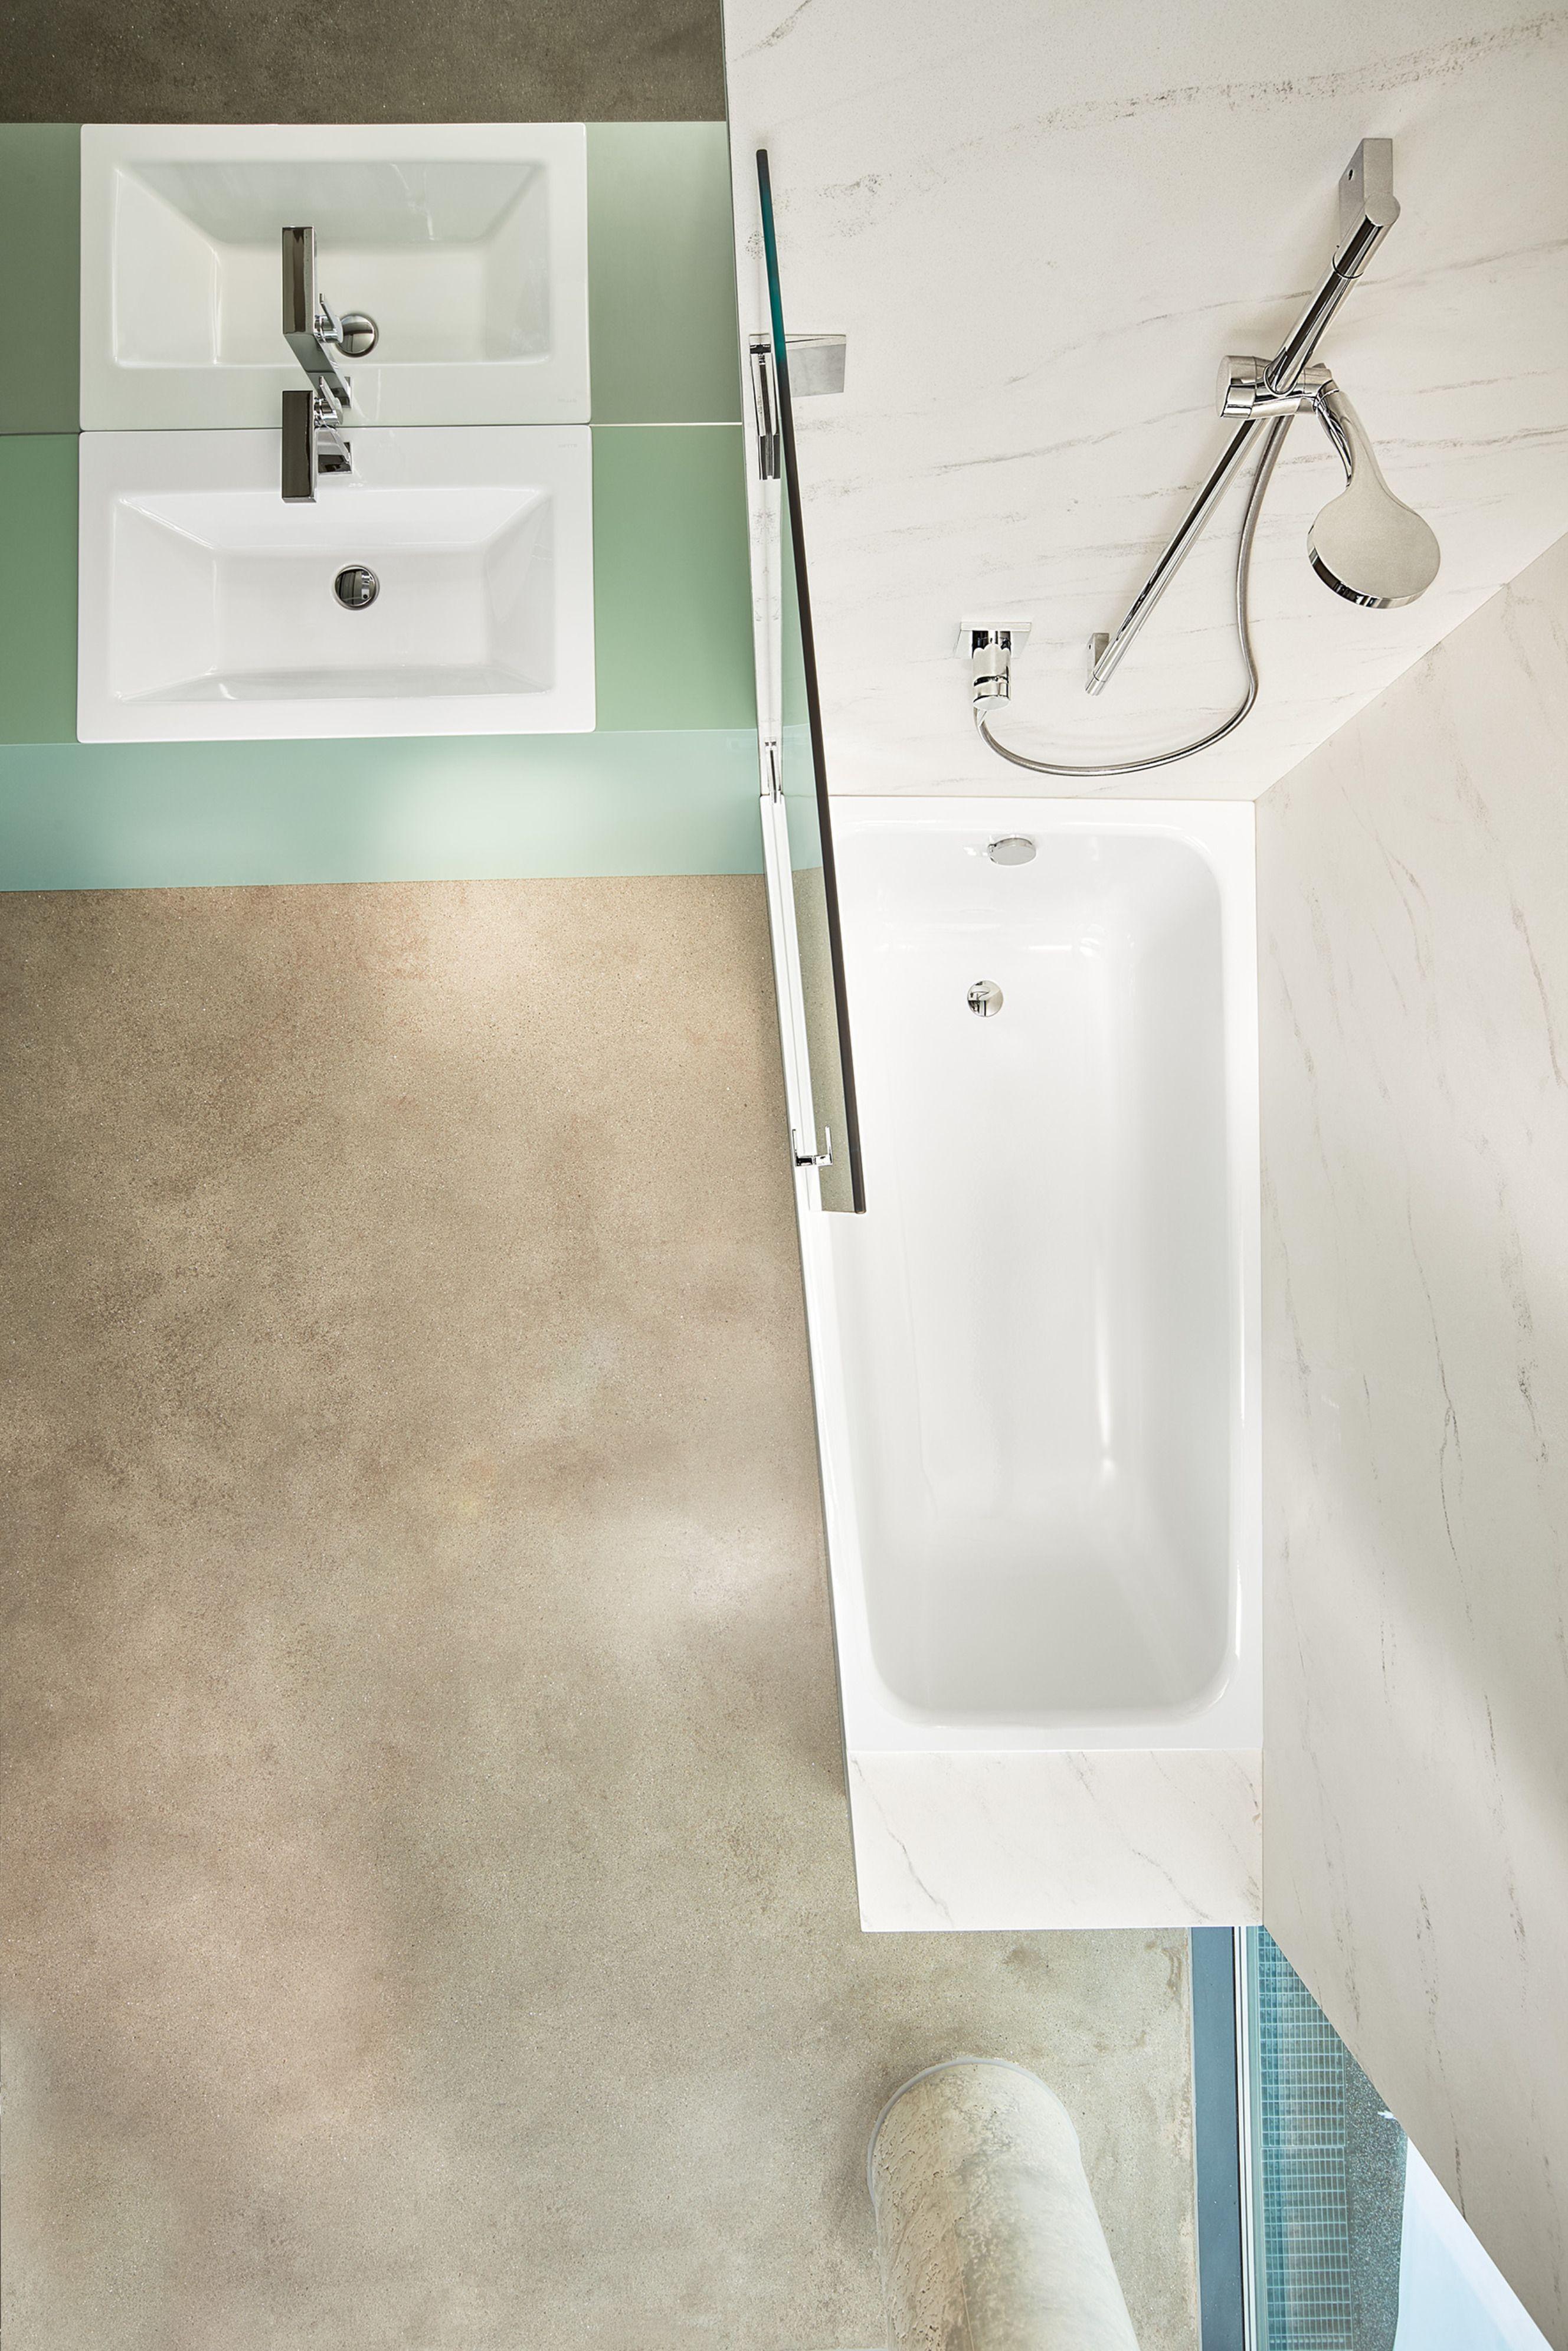 Raumsparwanne Bade Dusch Kombination Badewanne Wanne Rund Bathtub Tub Whirlpool Interior Interiordesign Raumsparwanne Badewanne Badezimmer Renovieren